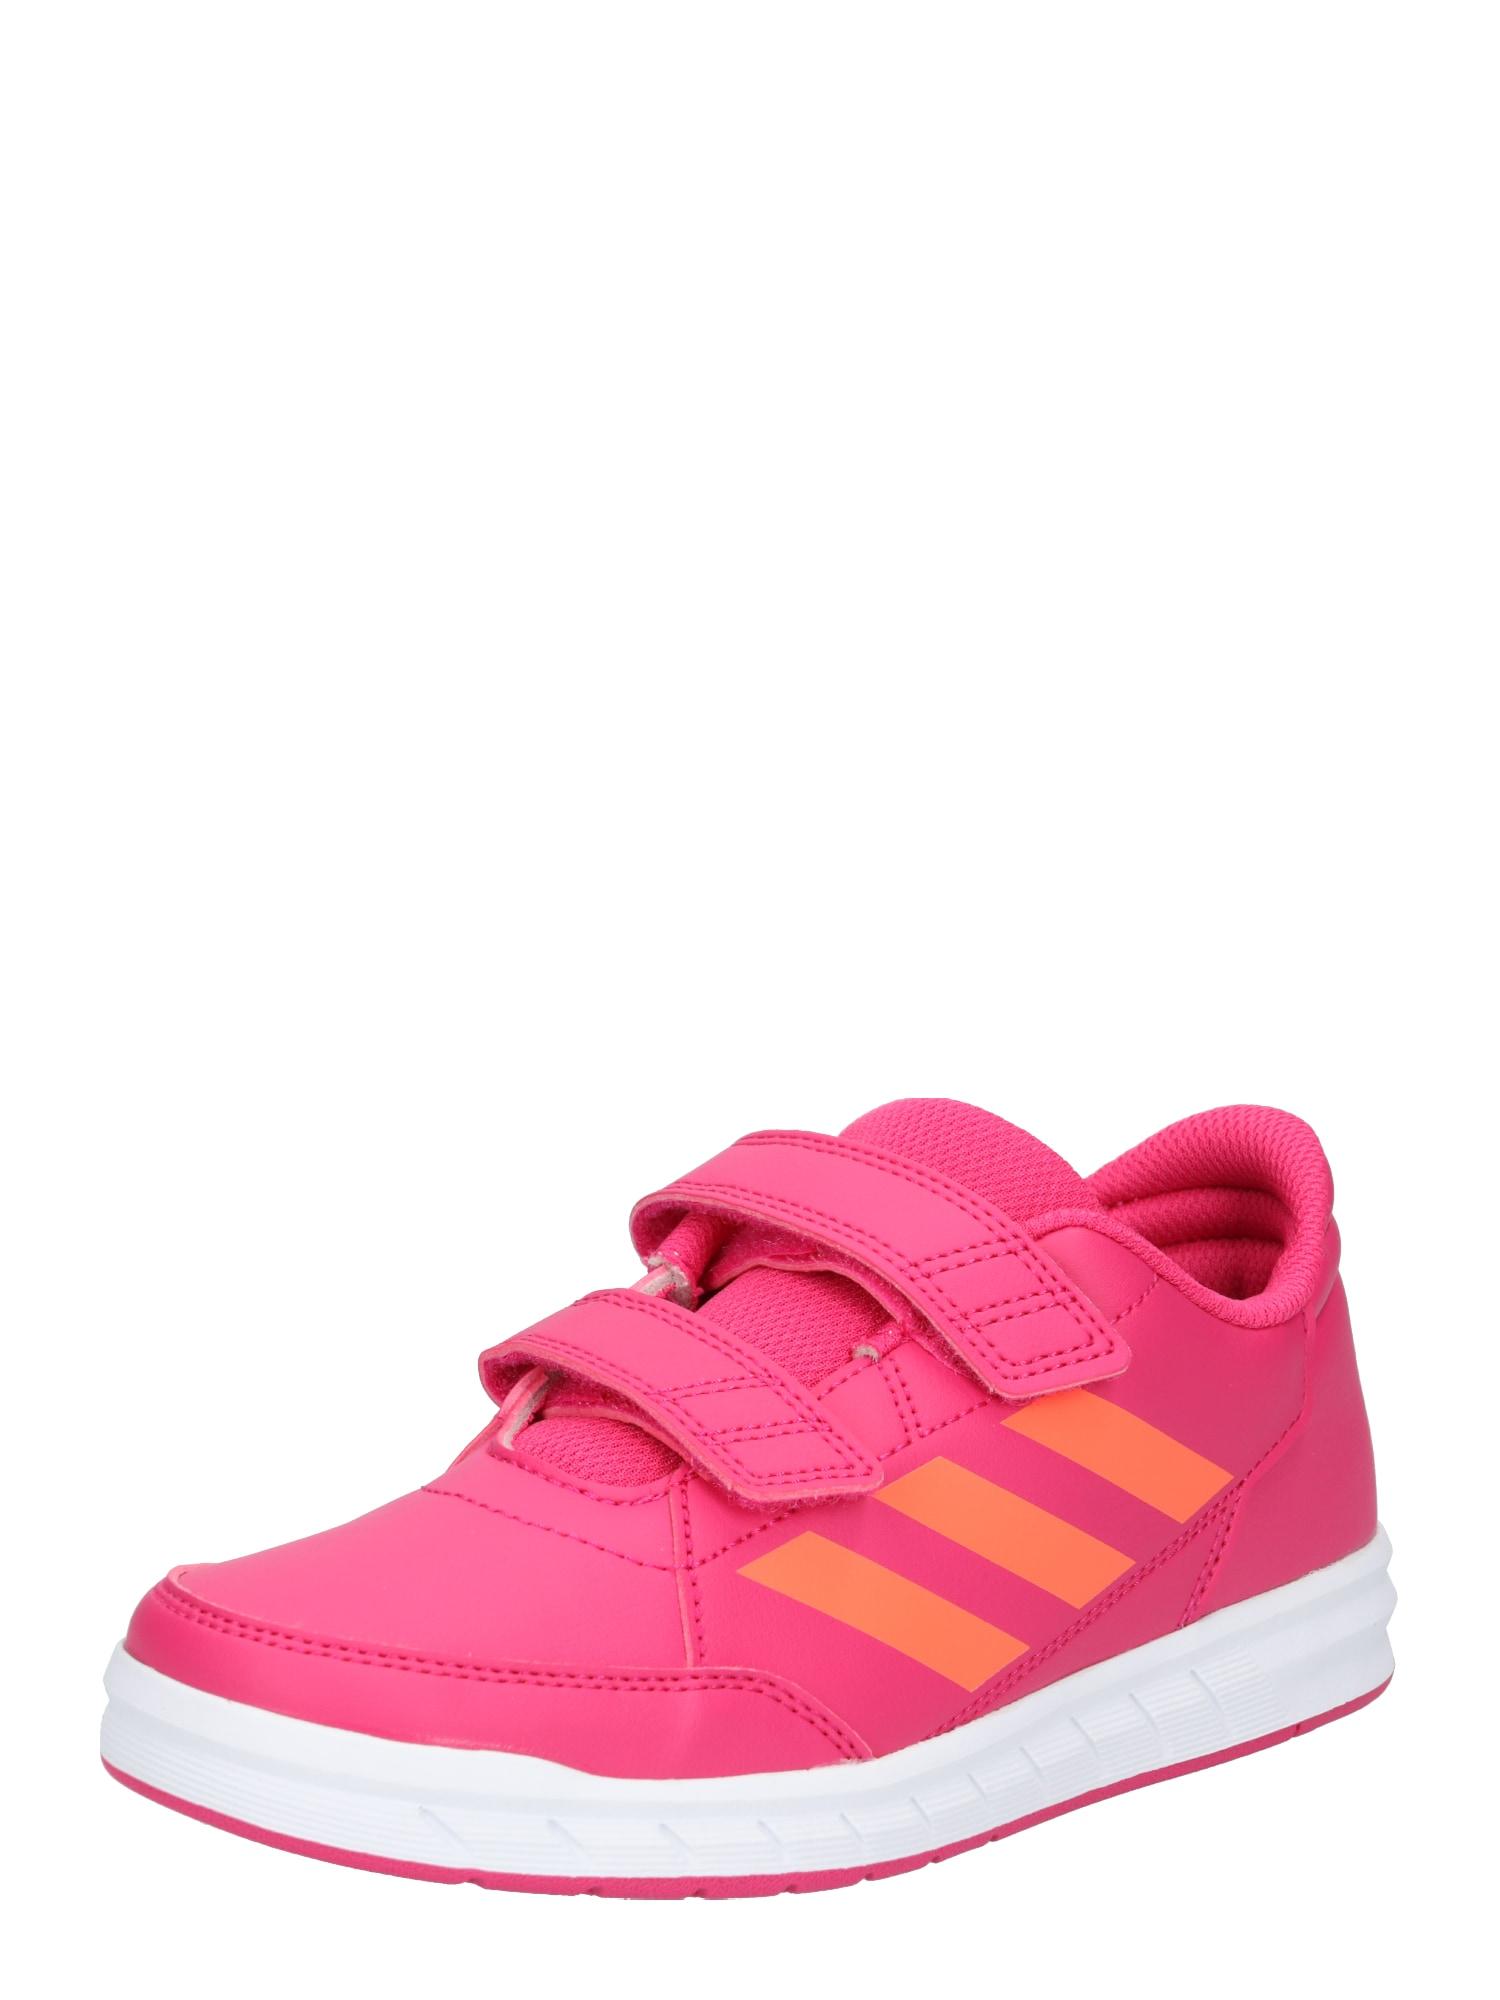 ADIDAS PERFORMANCE Sportiniai batai 'AltaSport' neoninė rožinė / tamsiai oranžinė